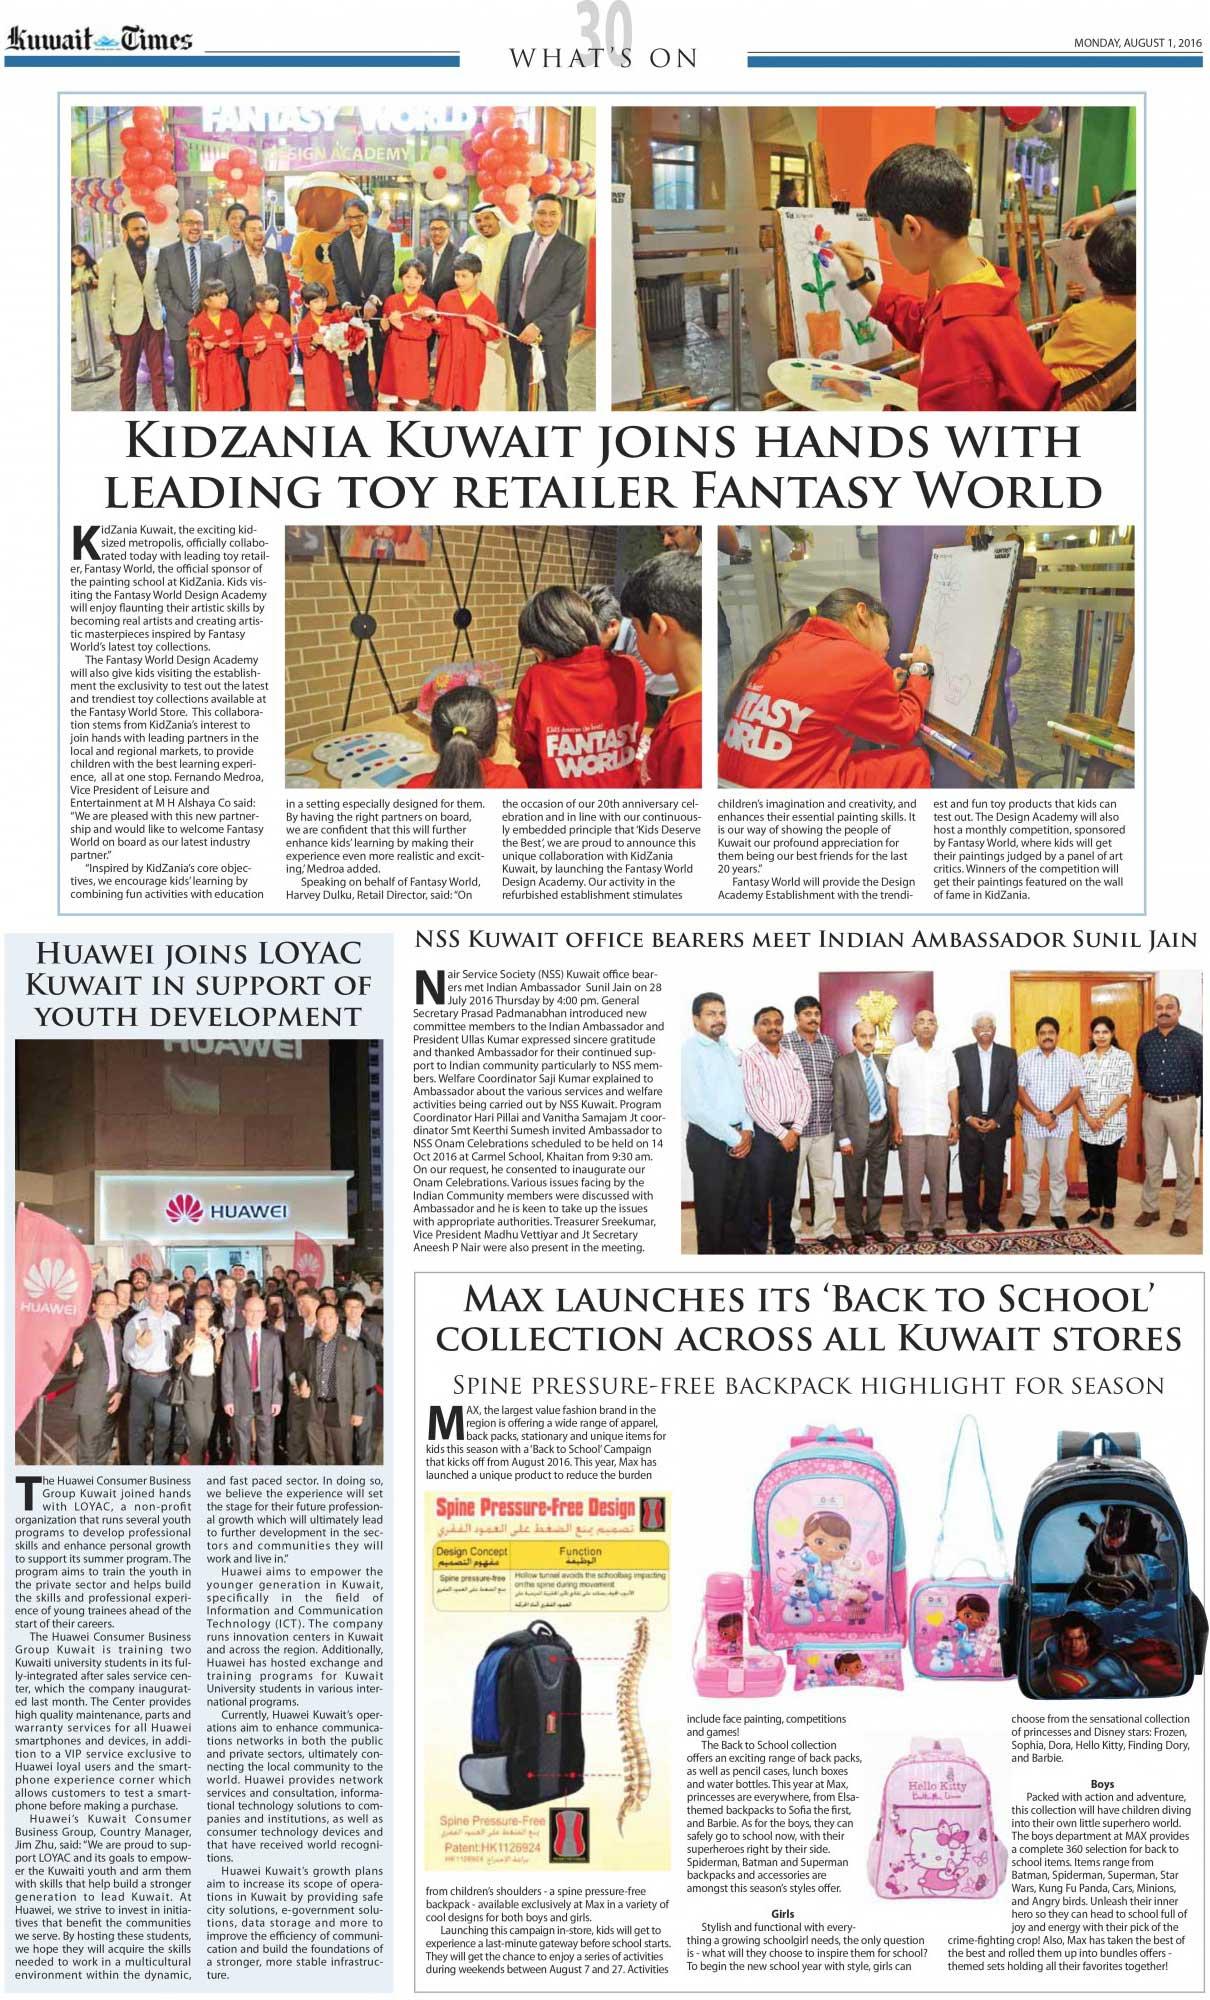 Kidzania Kuwait & Fantasy World